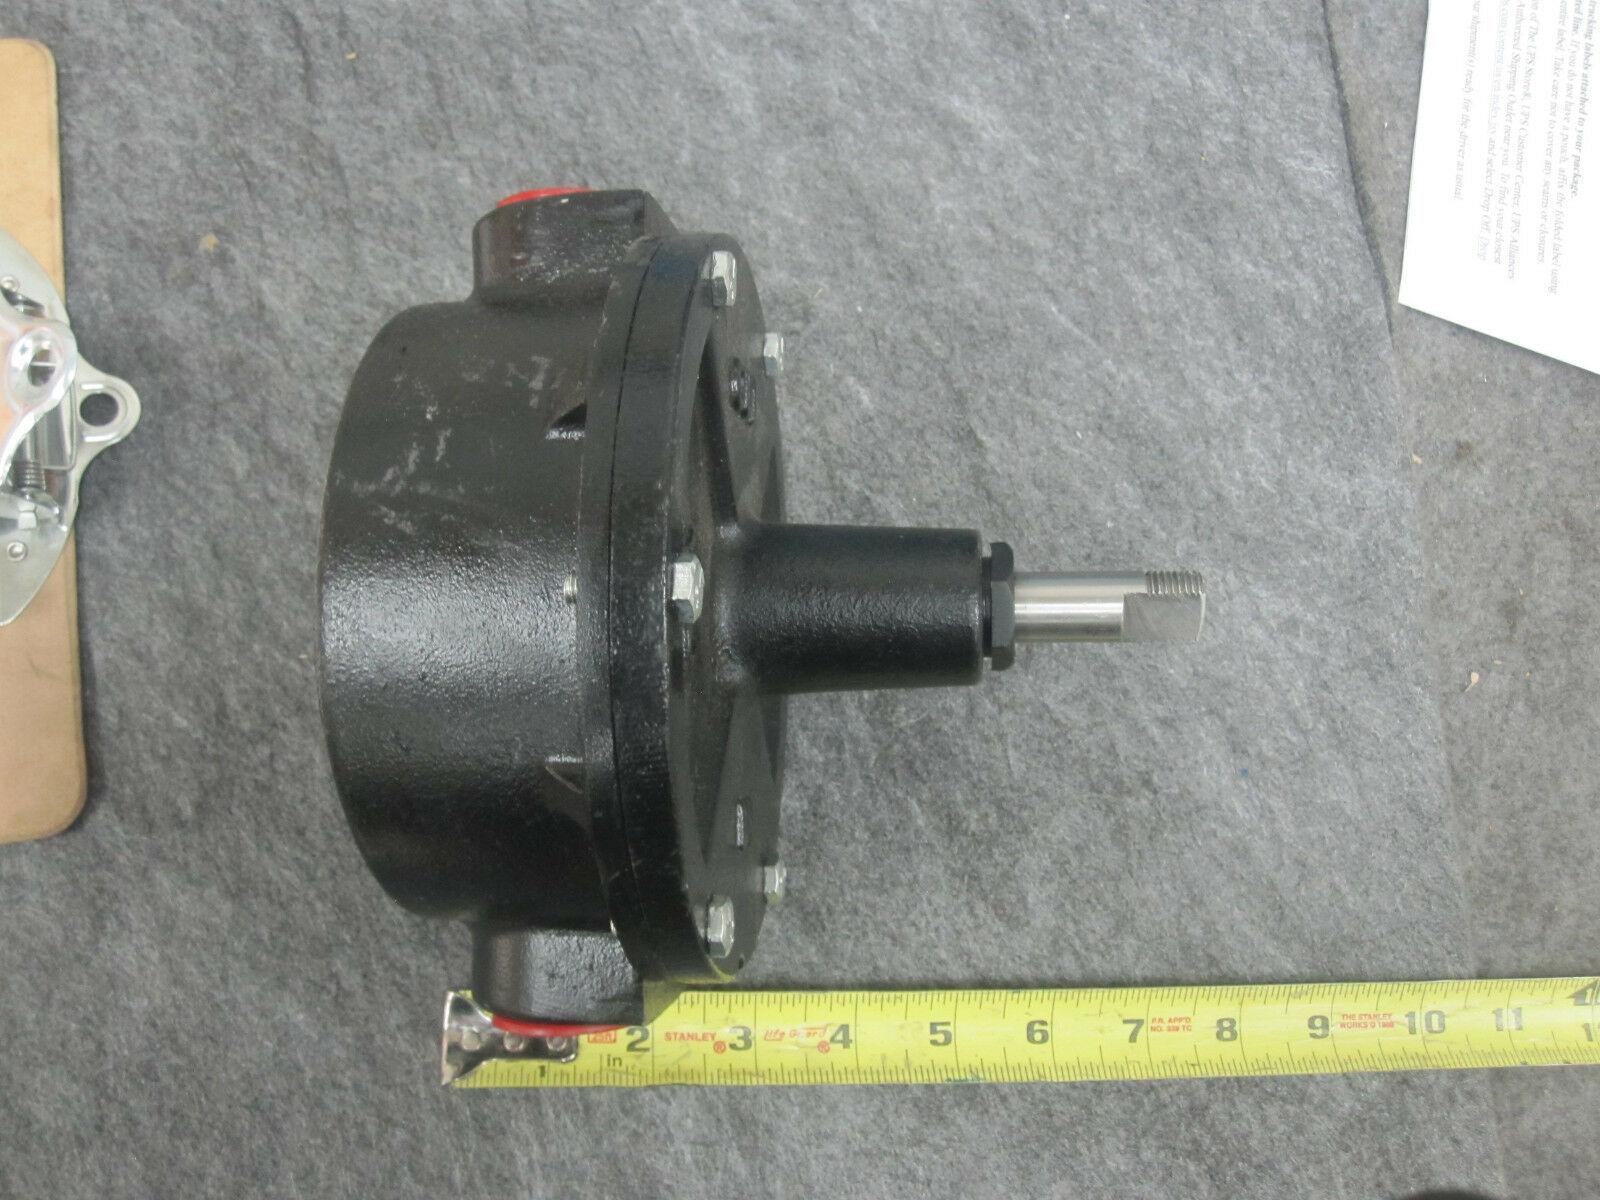 DAYTON 5UWH2 Rotary Drum Pump, Cast Iron, 3/4 In FNPT